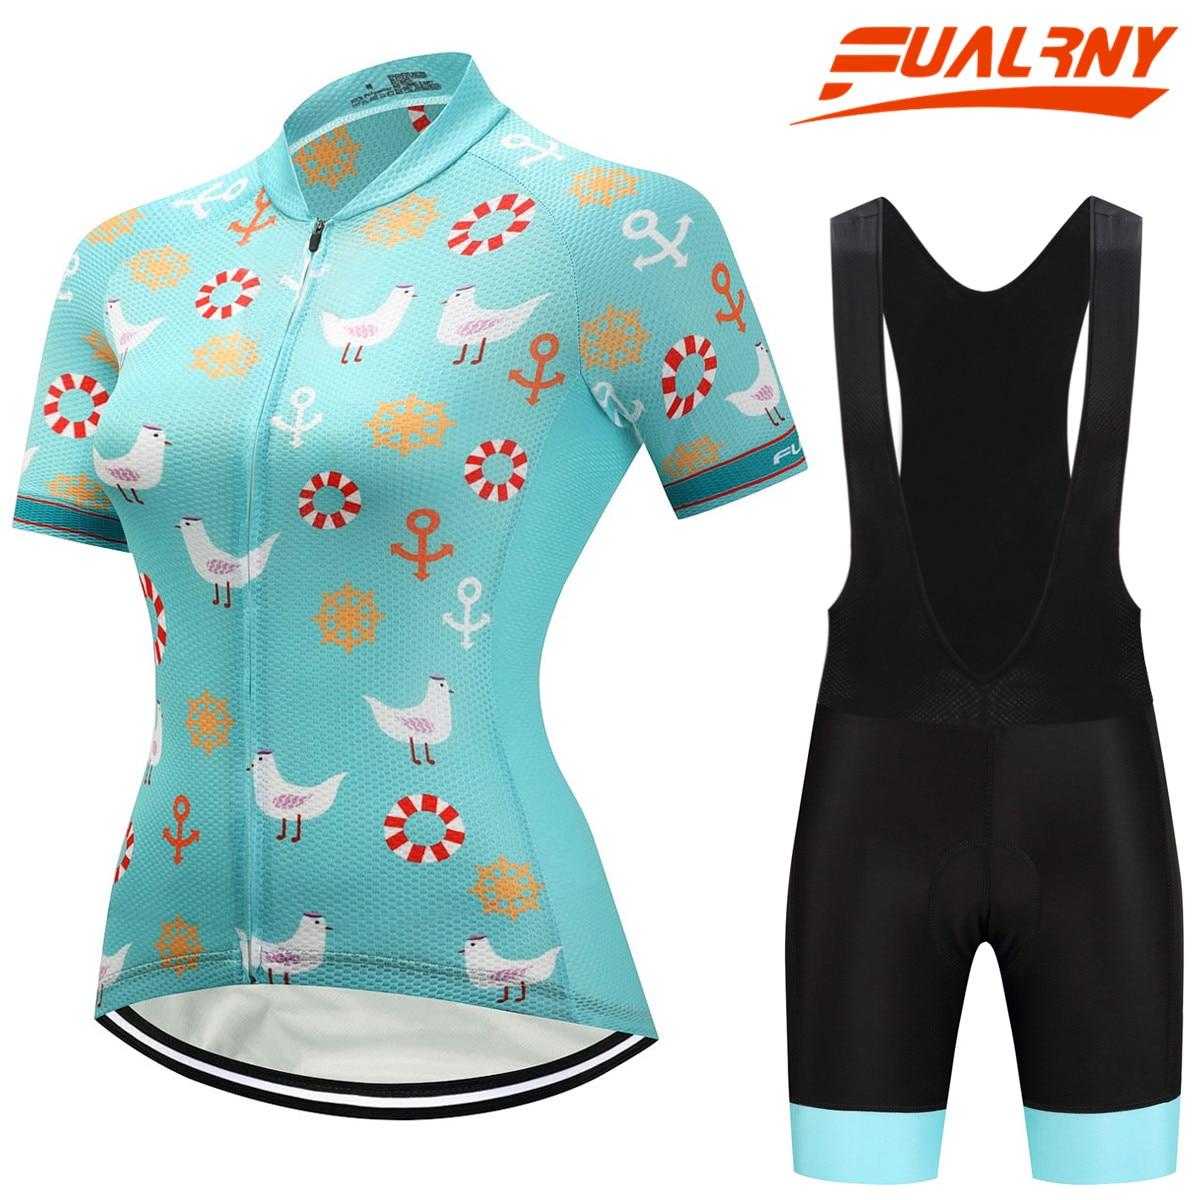 Fualrny hedia Для женщин велосипед рубашка 100% полиэстер дышащая Велосипедный Спорт Одежда Лето УФ Велосипедная форма быстрый сухой Велоспорт Дже...